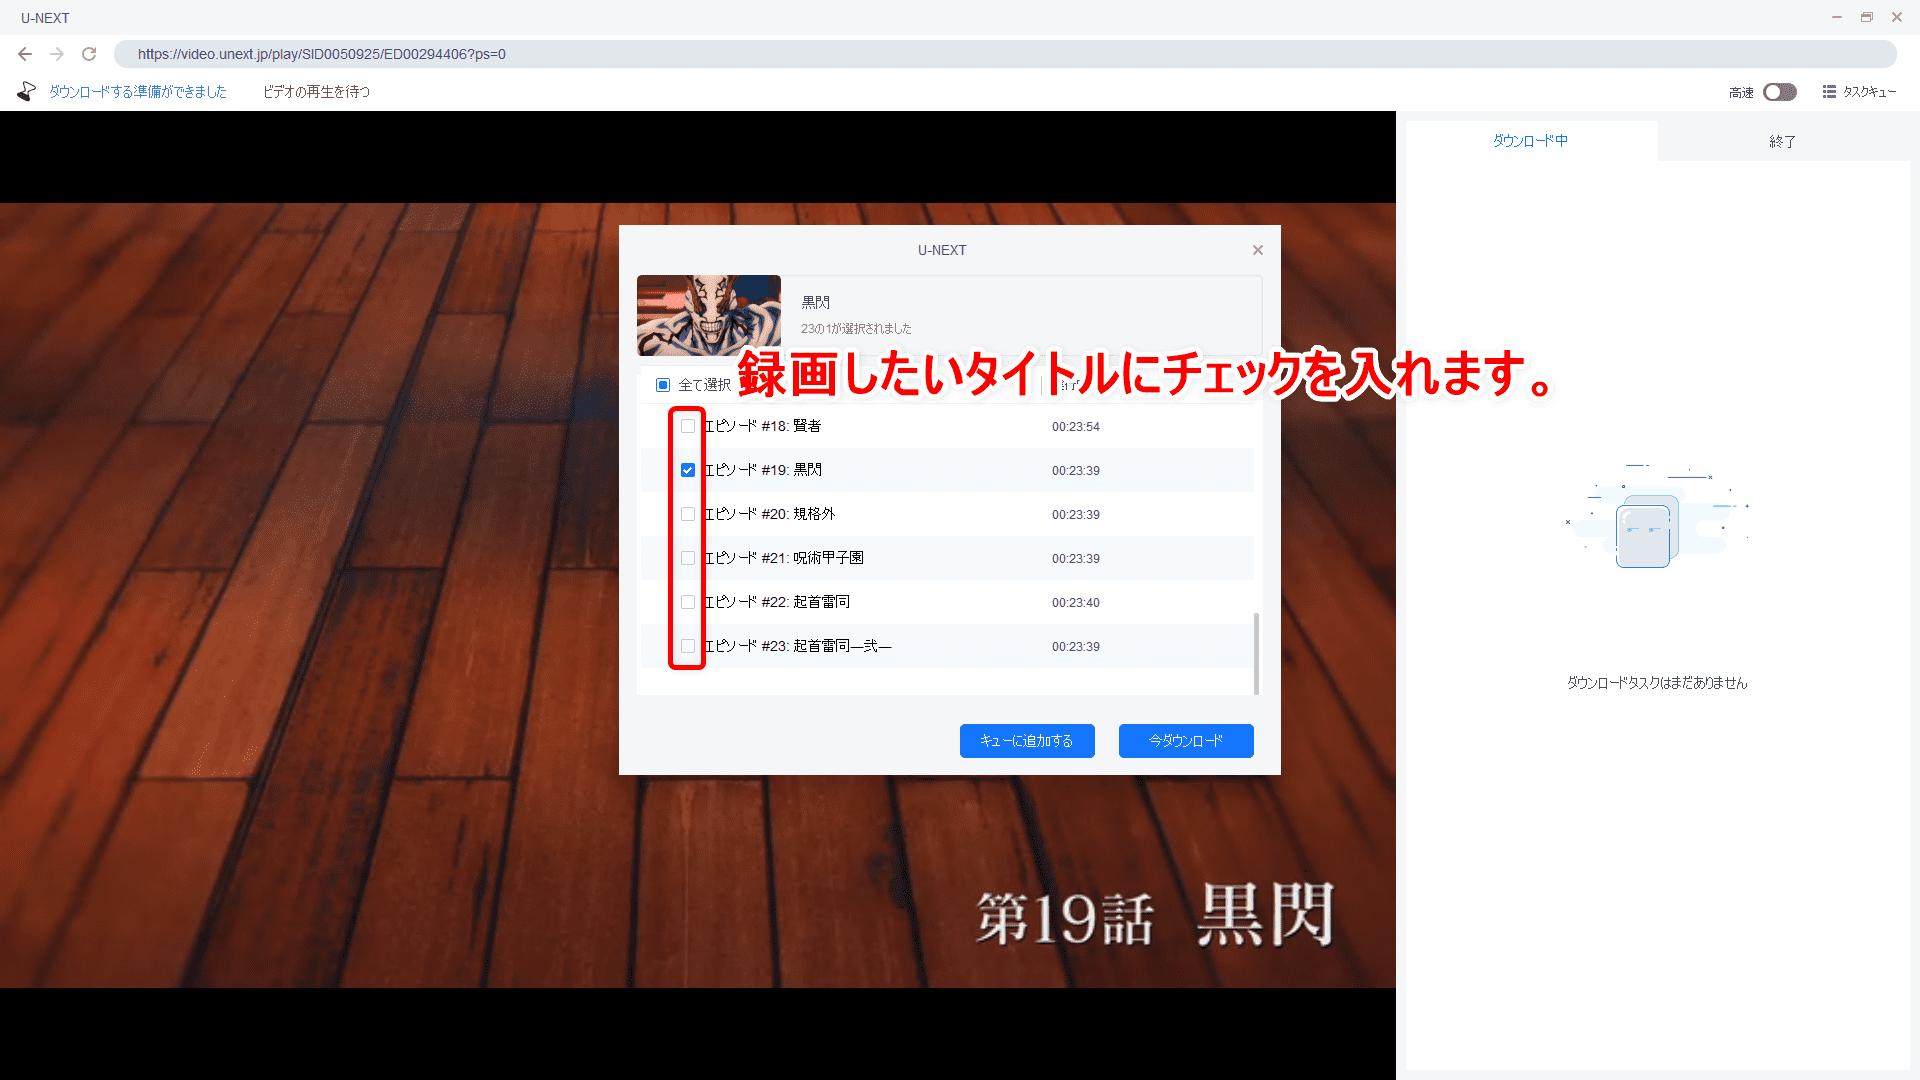 【決定版・U-NEXT録画方法】U-NEXTの動画を一括ダウンロード!ユーネクストを録画して永久保存する方法|ダウンロード非対応&レンタル動画も録画可能!|録画方法:すると自動的に録画する動画コンテンツを選択できる画面が表示されるので、録画したいコンテンツを選択しましょう。 選択したのち、今すぐダウンロードしたい場合は「今ダウンロード」、他の動画作品も選択してまとめてダウンロードしたい場合は「キューに追加する」をクリックします。